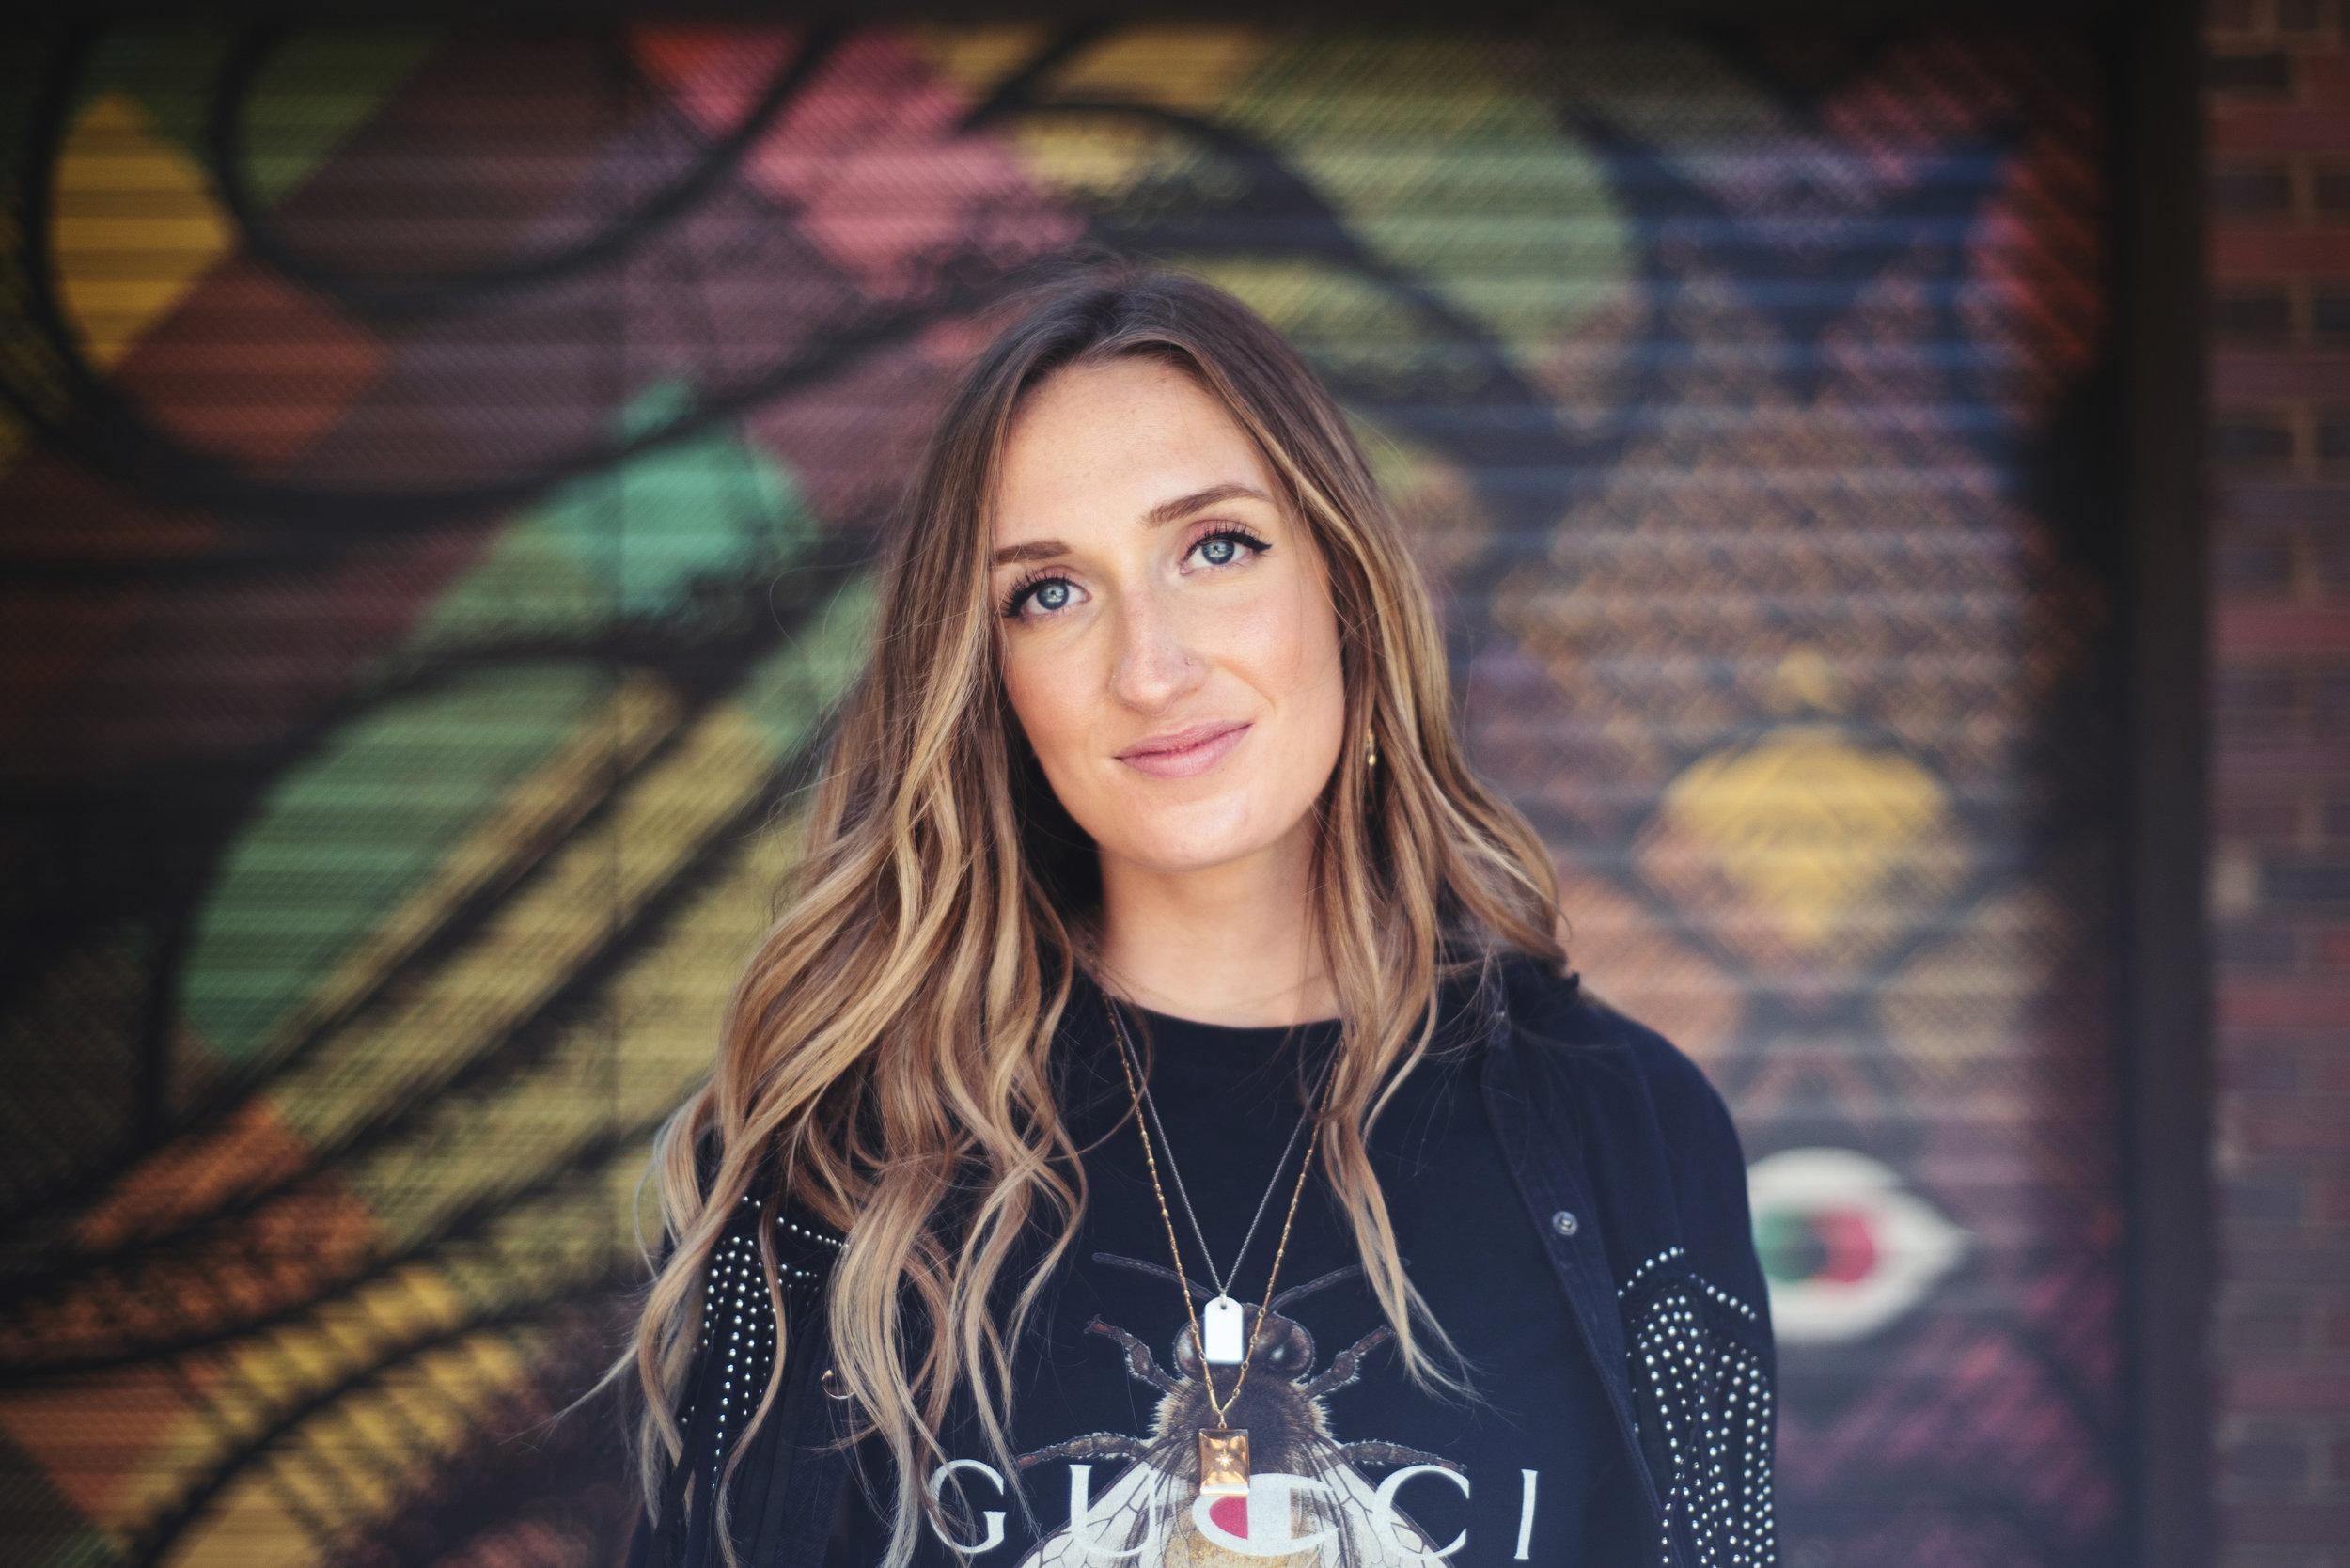 JessicaKovar-34.jpg